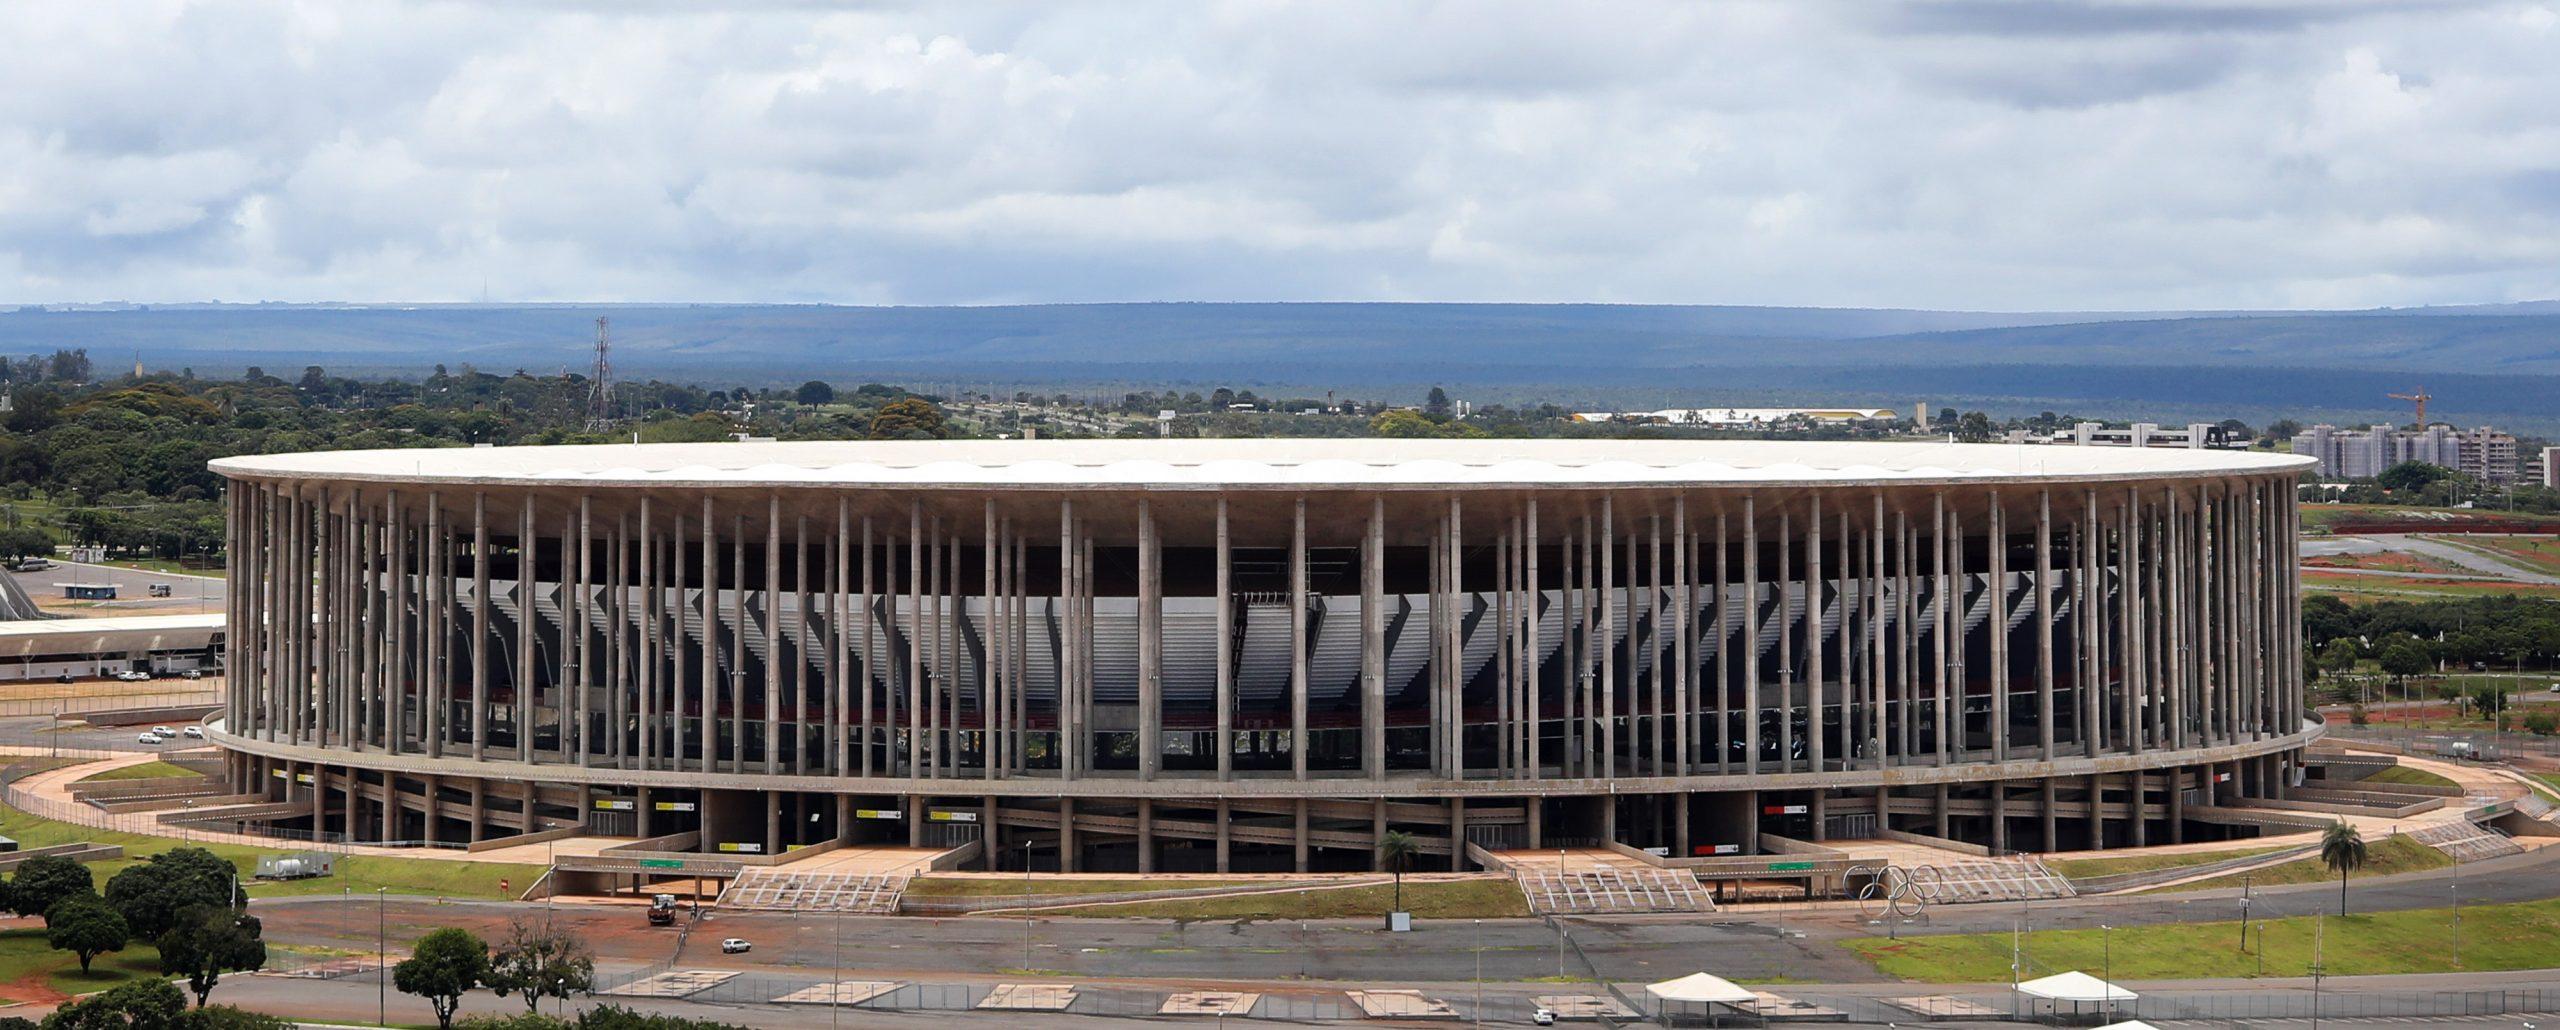 Vista do Mané Garrincha, estádio em Brasília